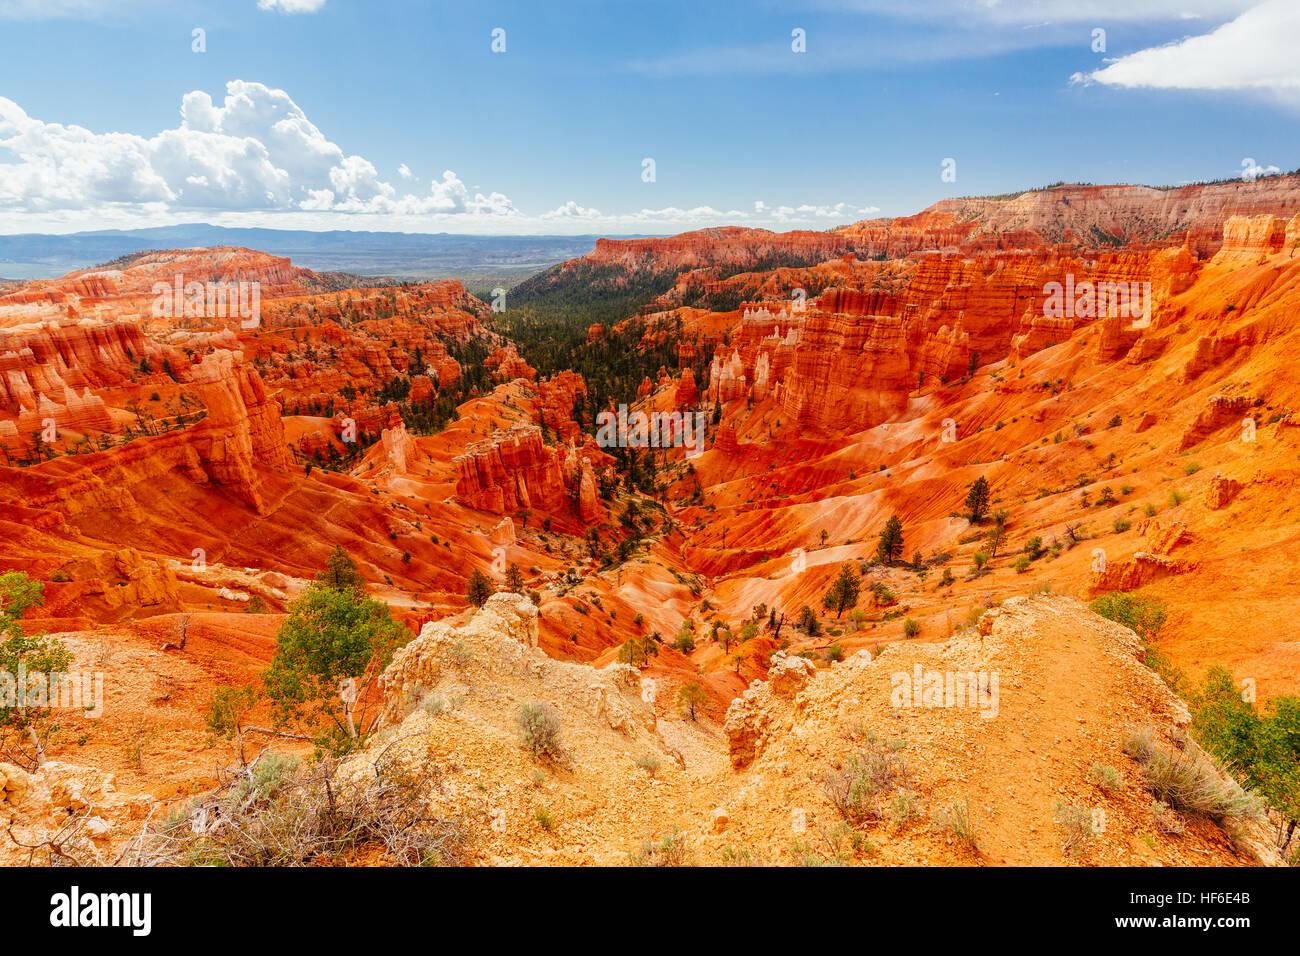 Bryce Canyon es una colección de anfiteatros naturales aparte del Paunsaugunt Plateau. Bryce es distintivo Imagen De Stock